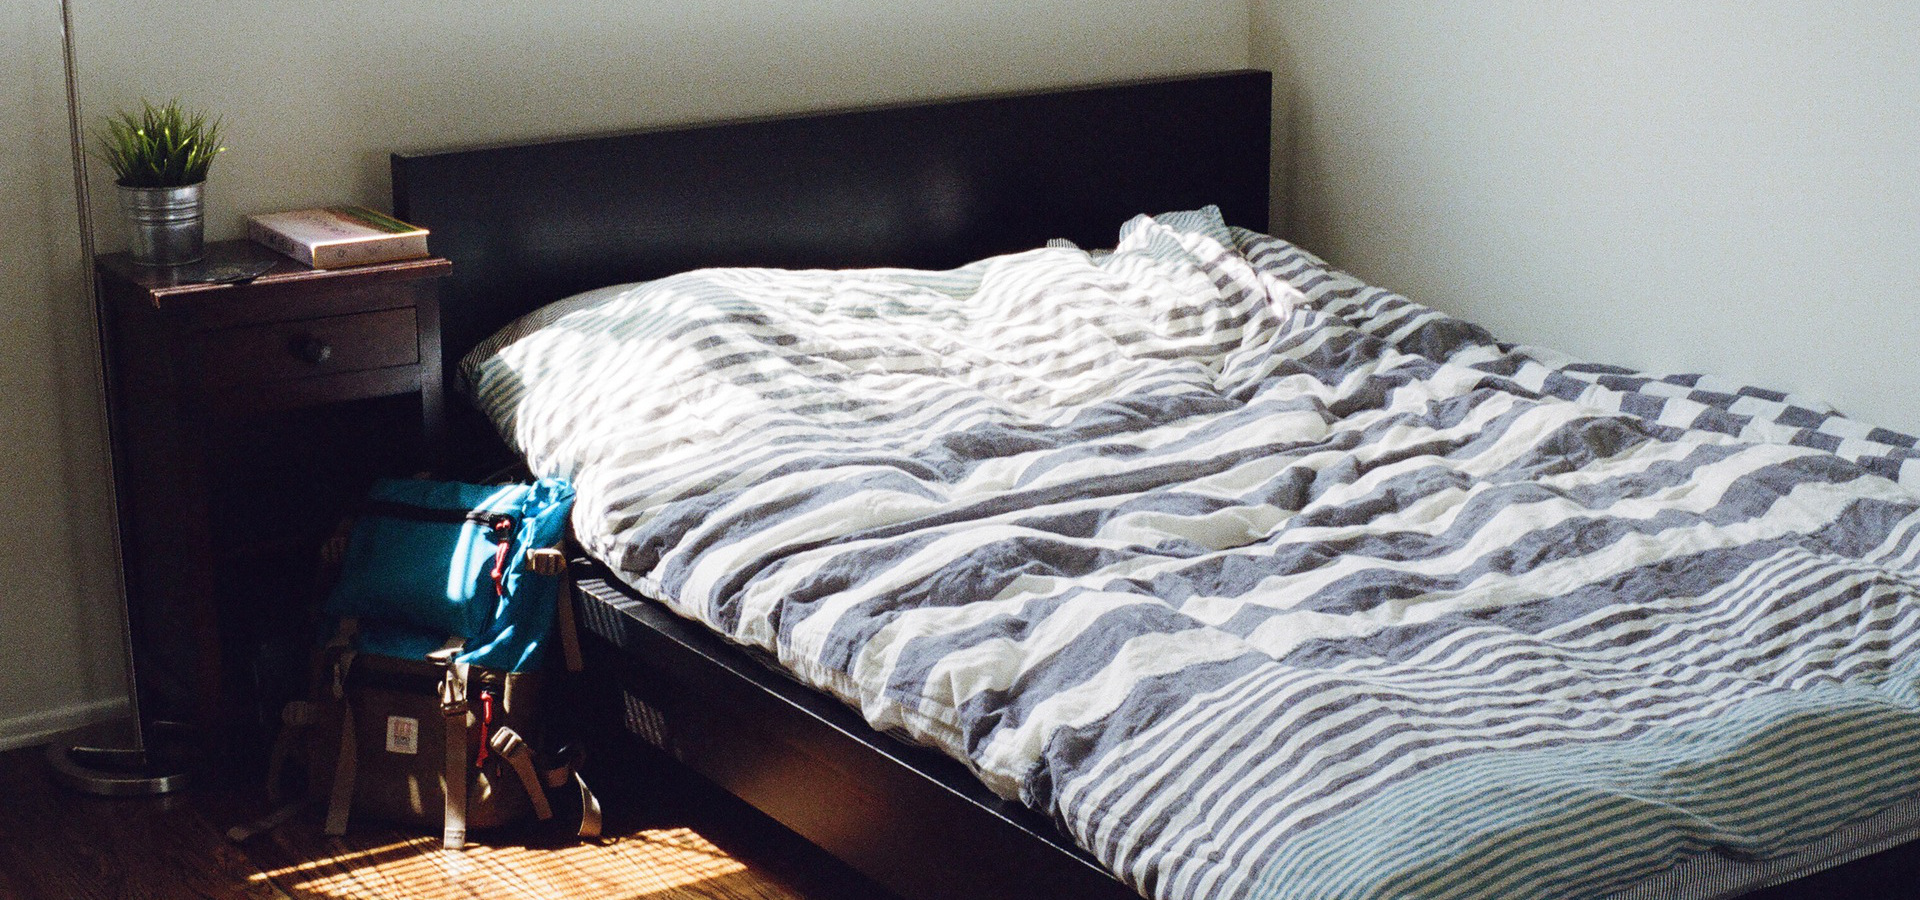 De nieuwste trends voor in de slaapkamer